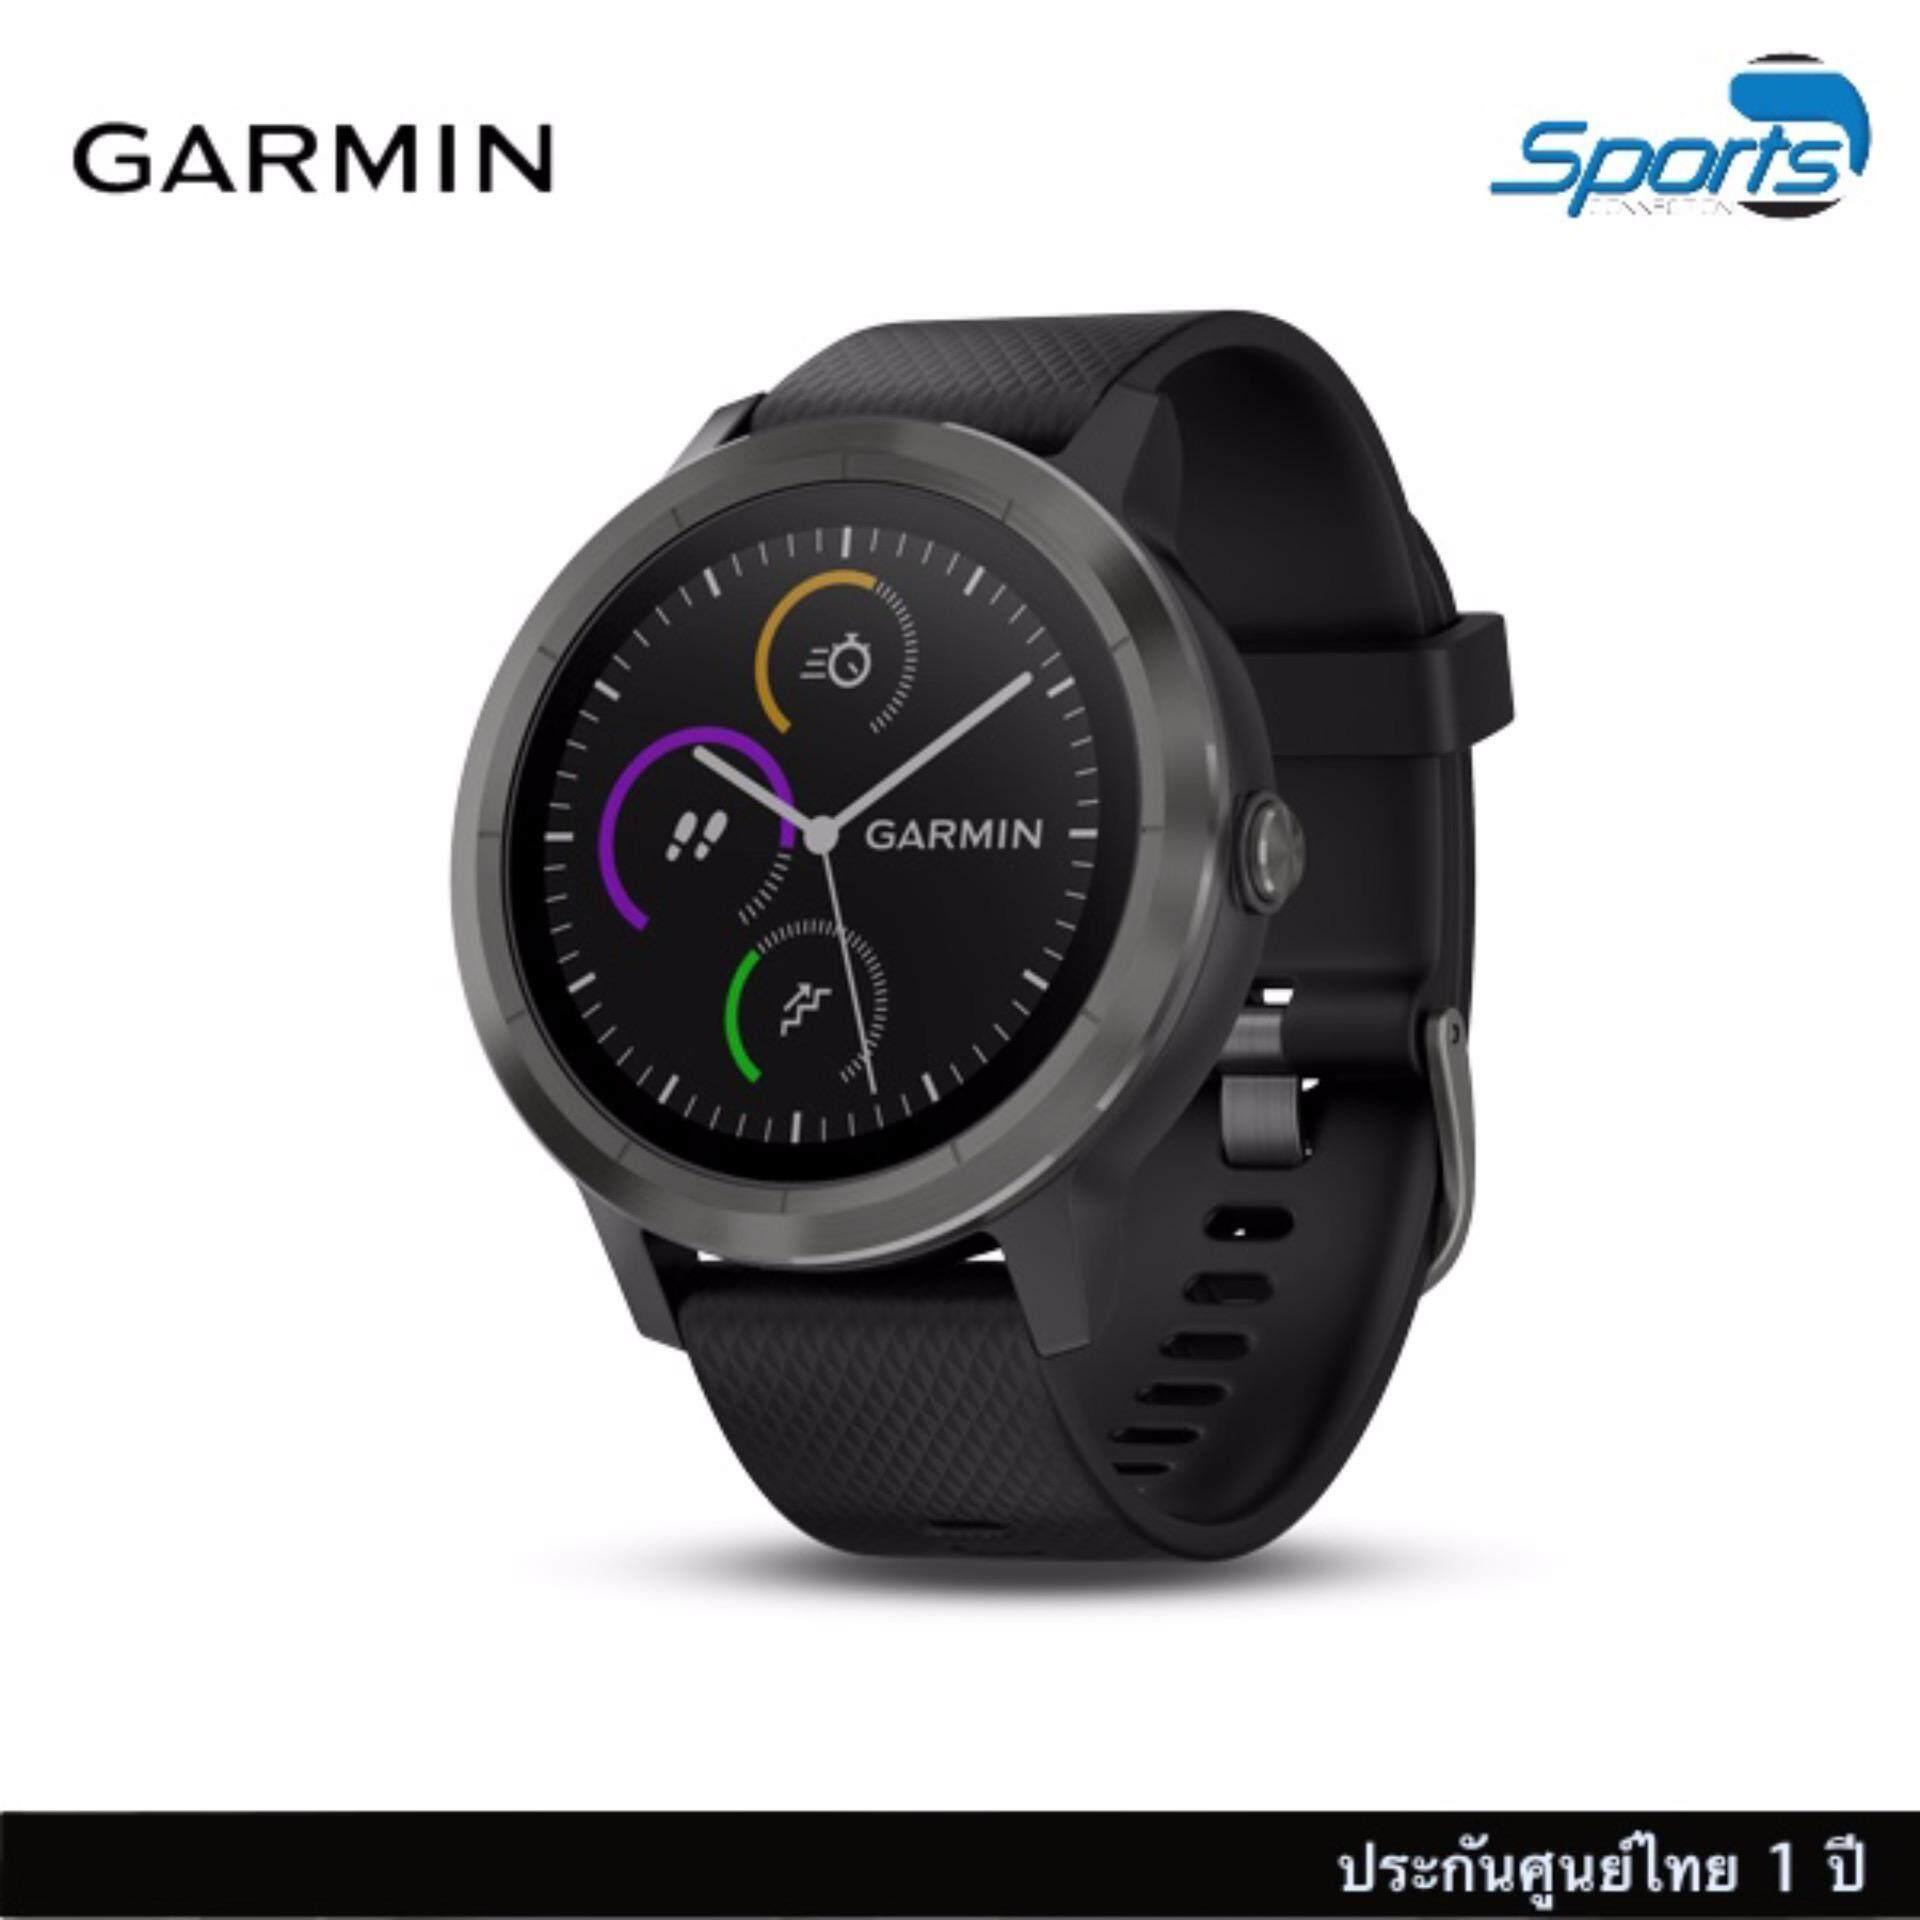 พะเยา Garmin  vivoactive 3 GPS Smartwatch ที่วัดอัตราการเต้นหัวใจที่ข้อมือ